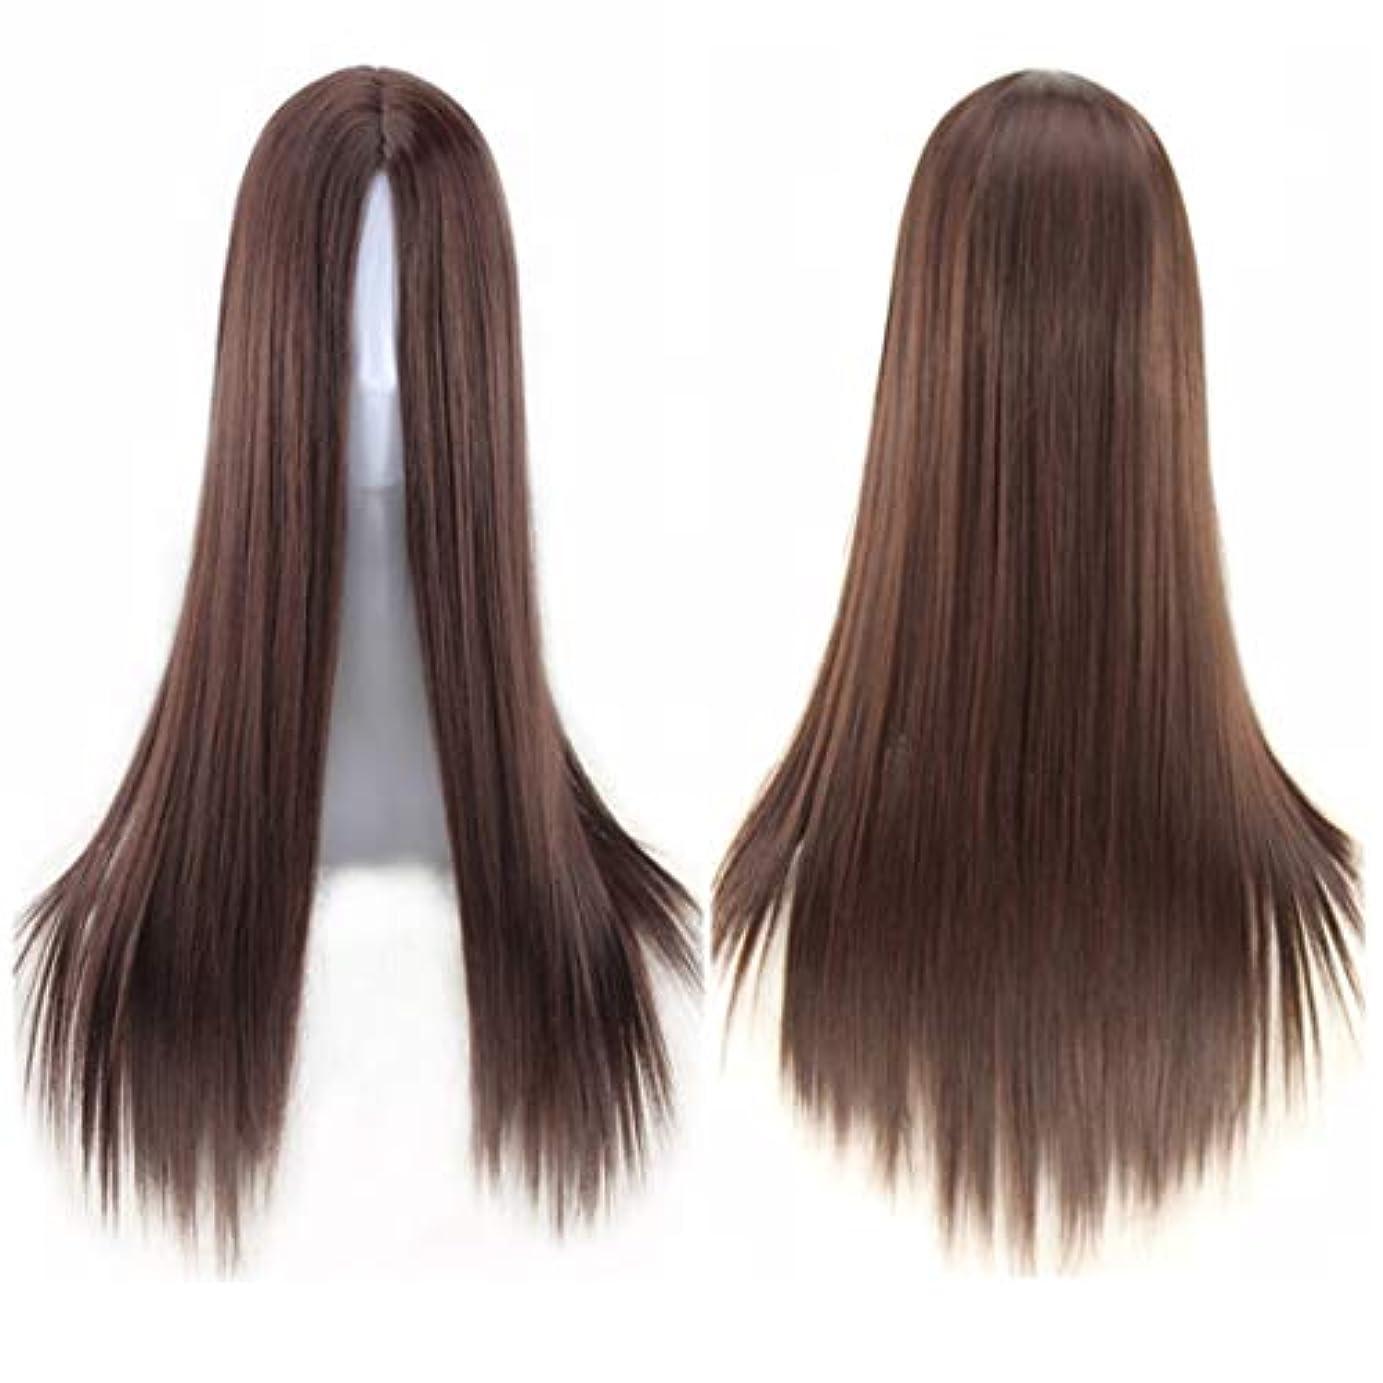 アクセサリー燃料戸棚Koloeplf ミドルの前髪のかつら耐熱ウィッグ65 cmのロングストレートウィッグの人々のためのパーティーパフォーマンスカラーウィッグ(マルチカラー) (Color : Navy brown)